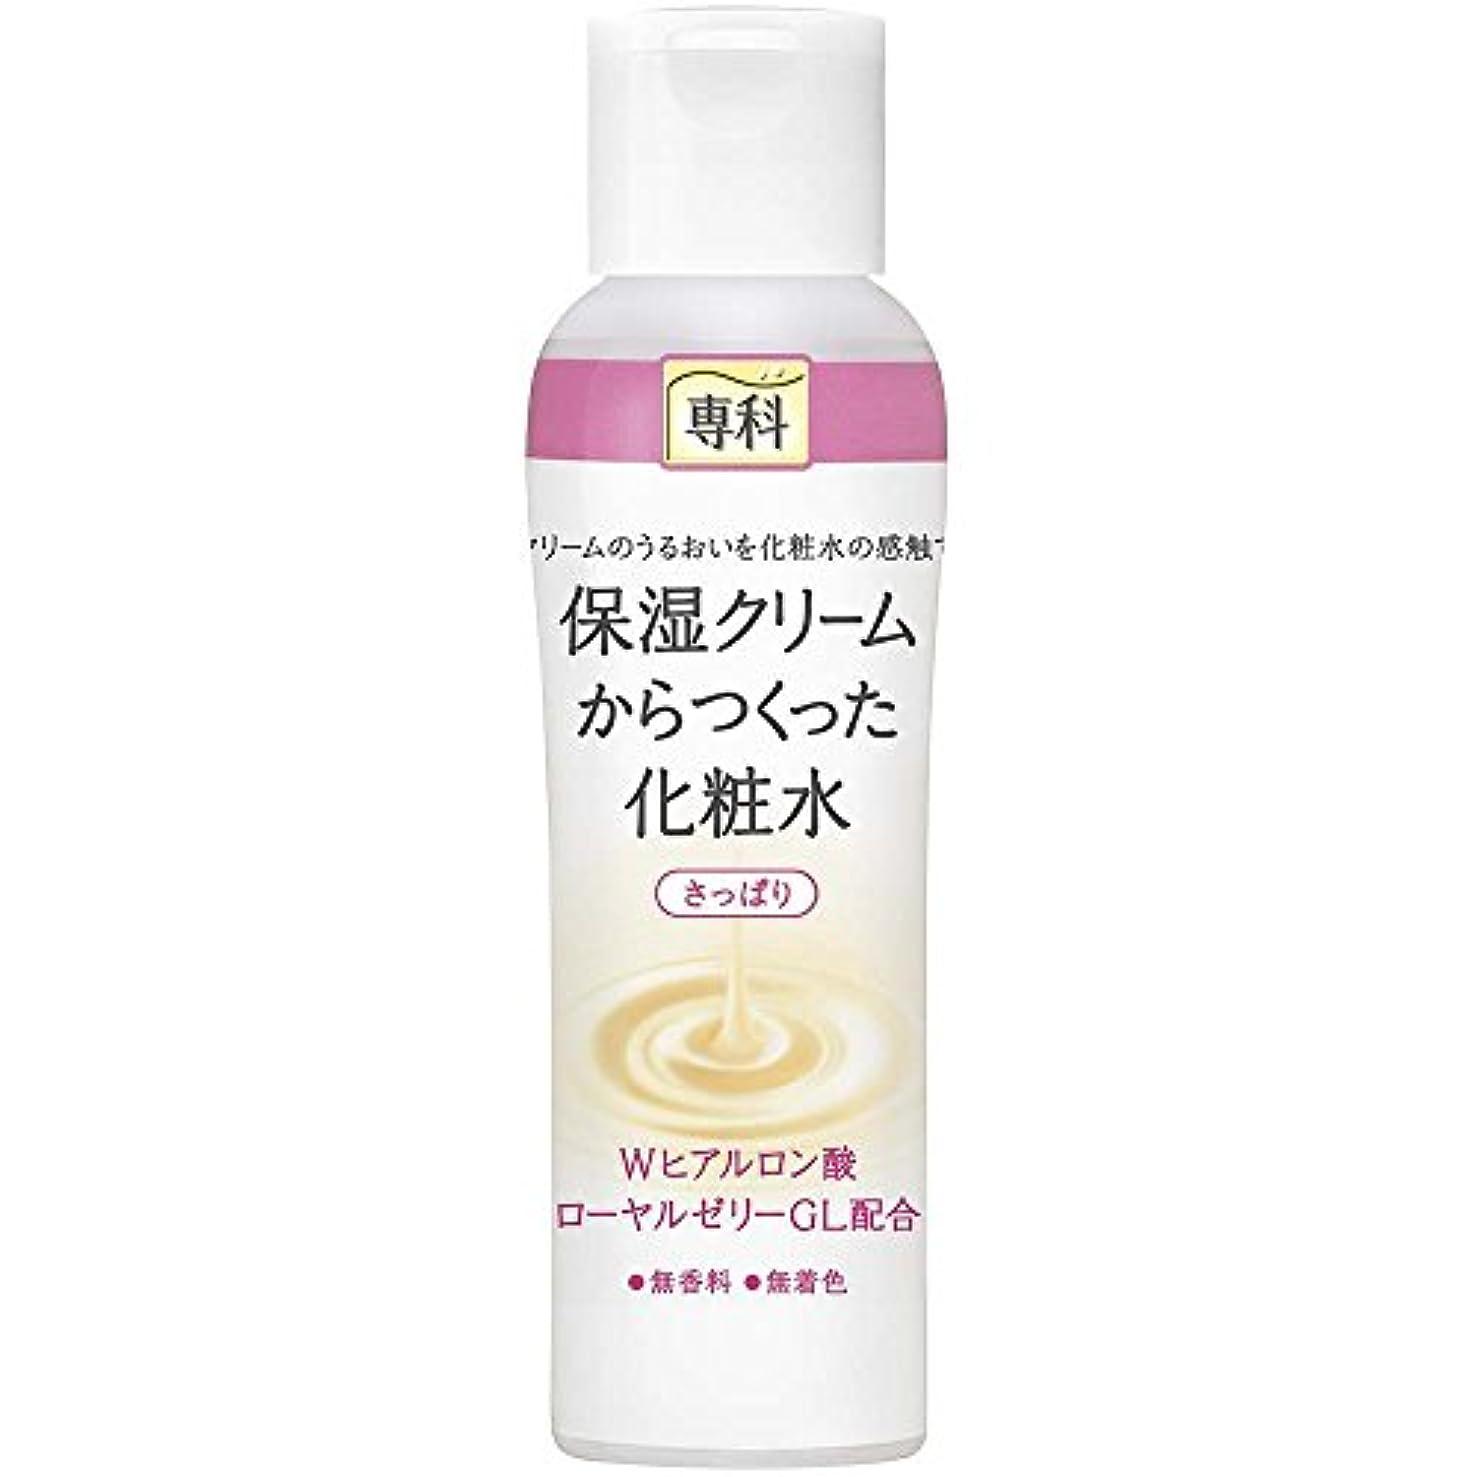 最終識別退化する専科 保湿クリームからつくった化粧水(さっぱり) 200ml